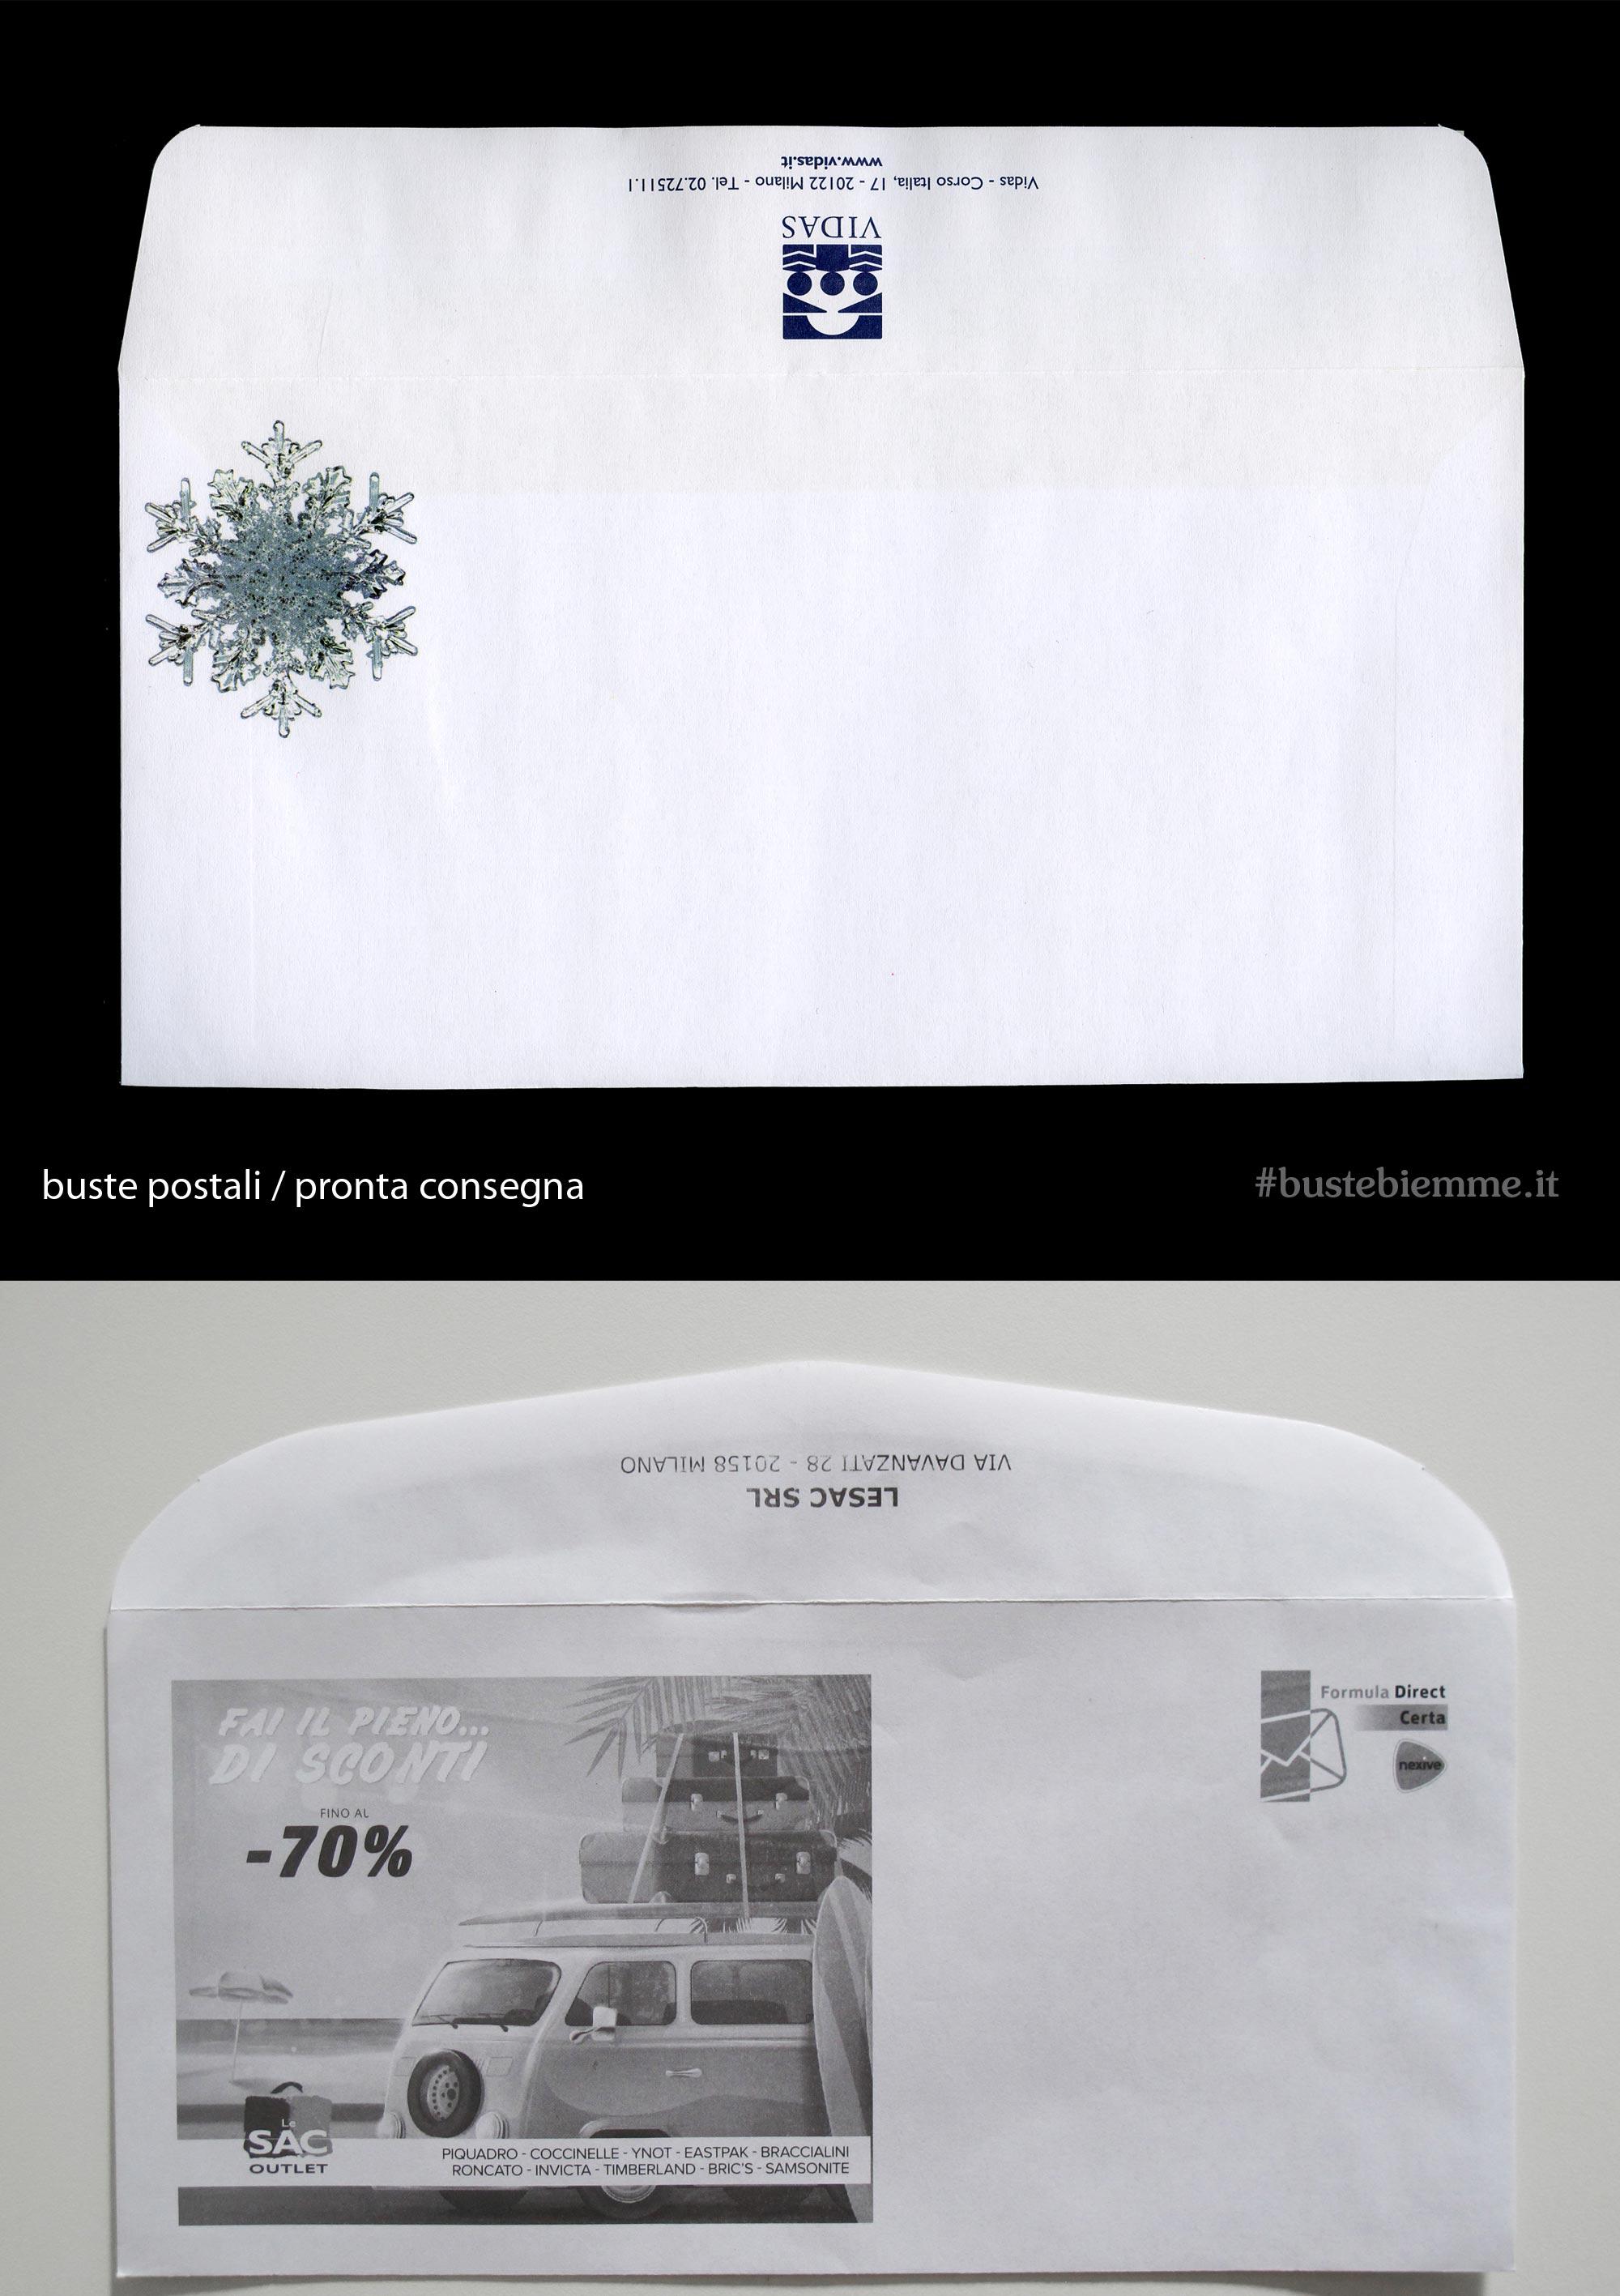 busta commerciale in pronta consegna personalizzata